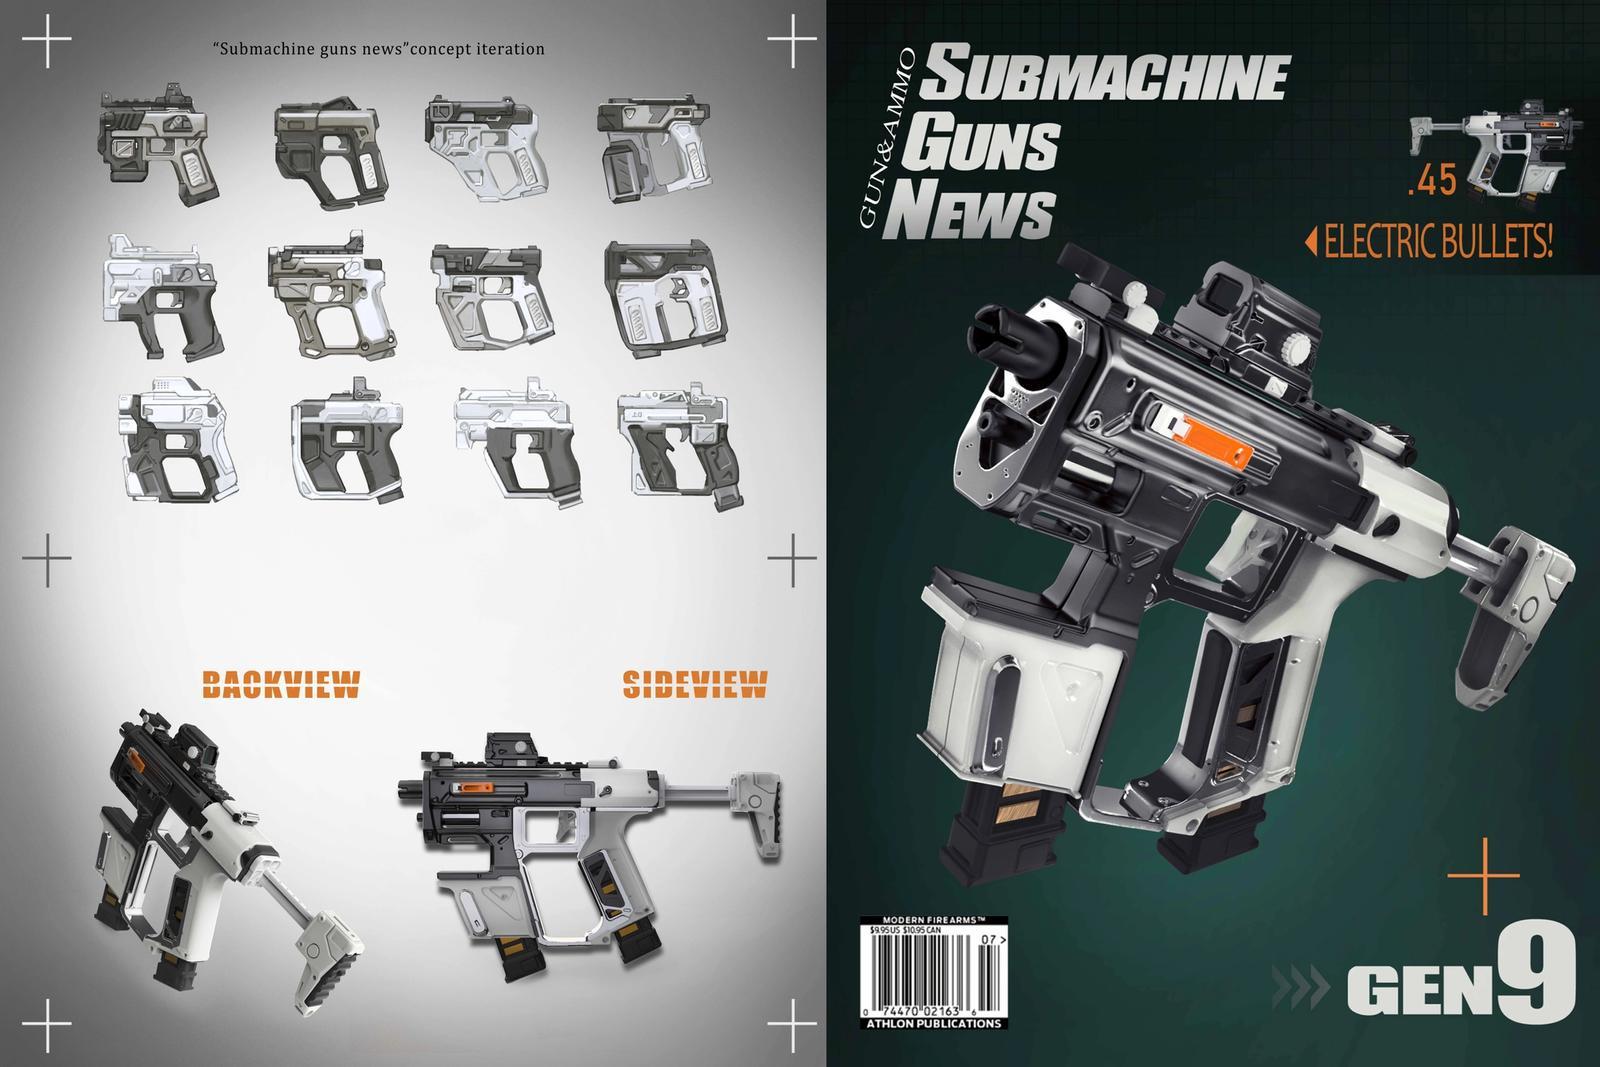 Submachinegun